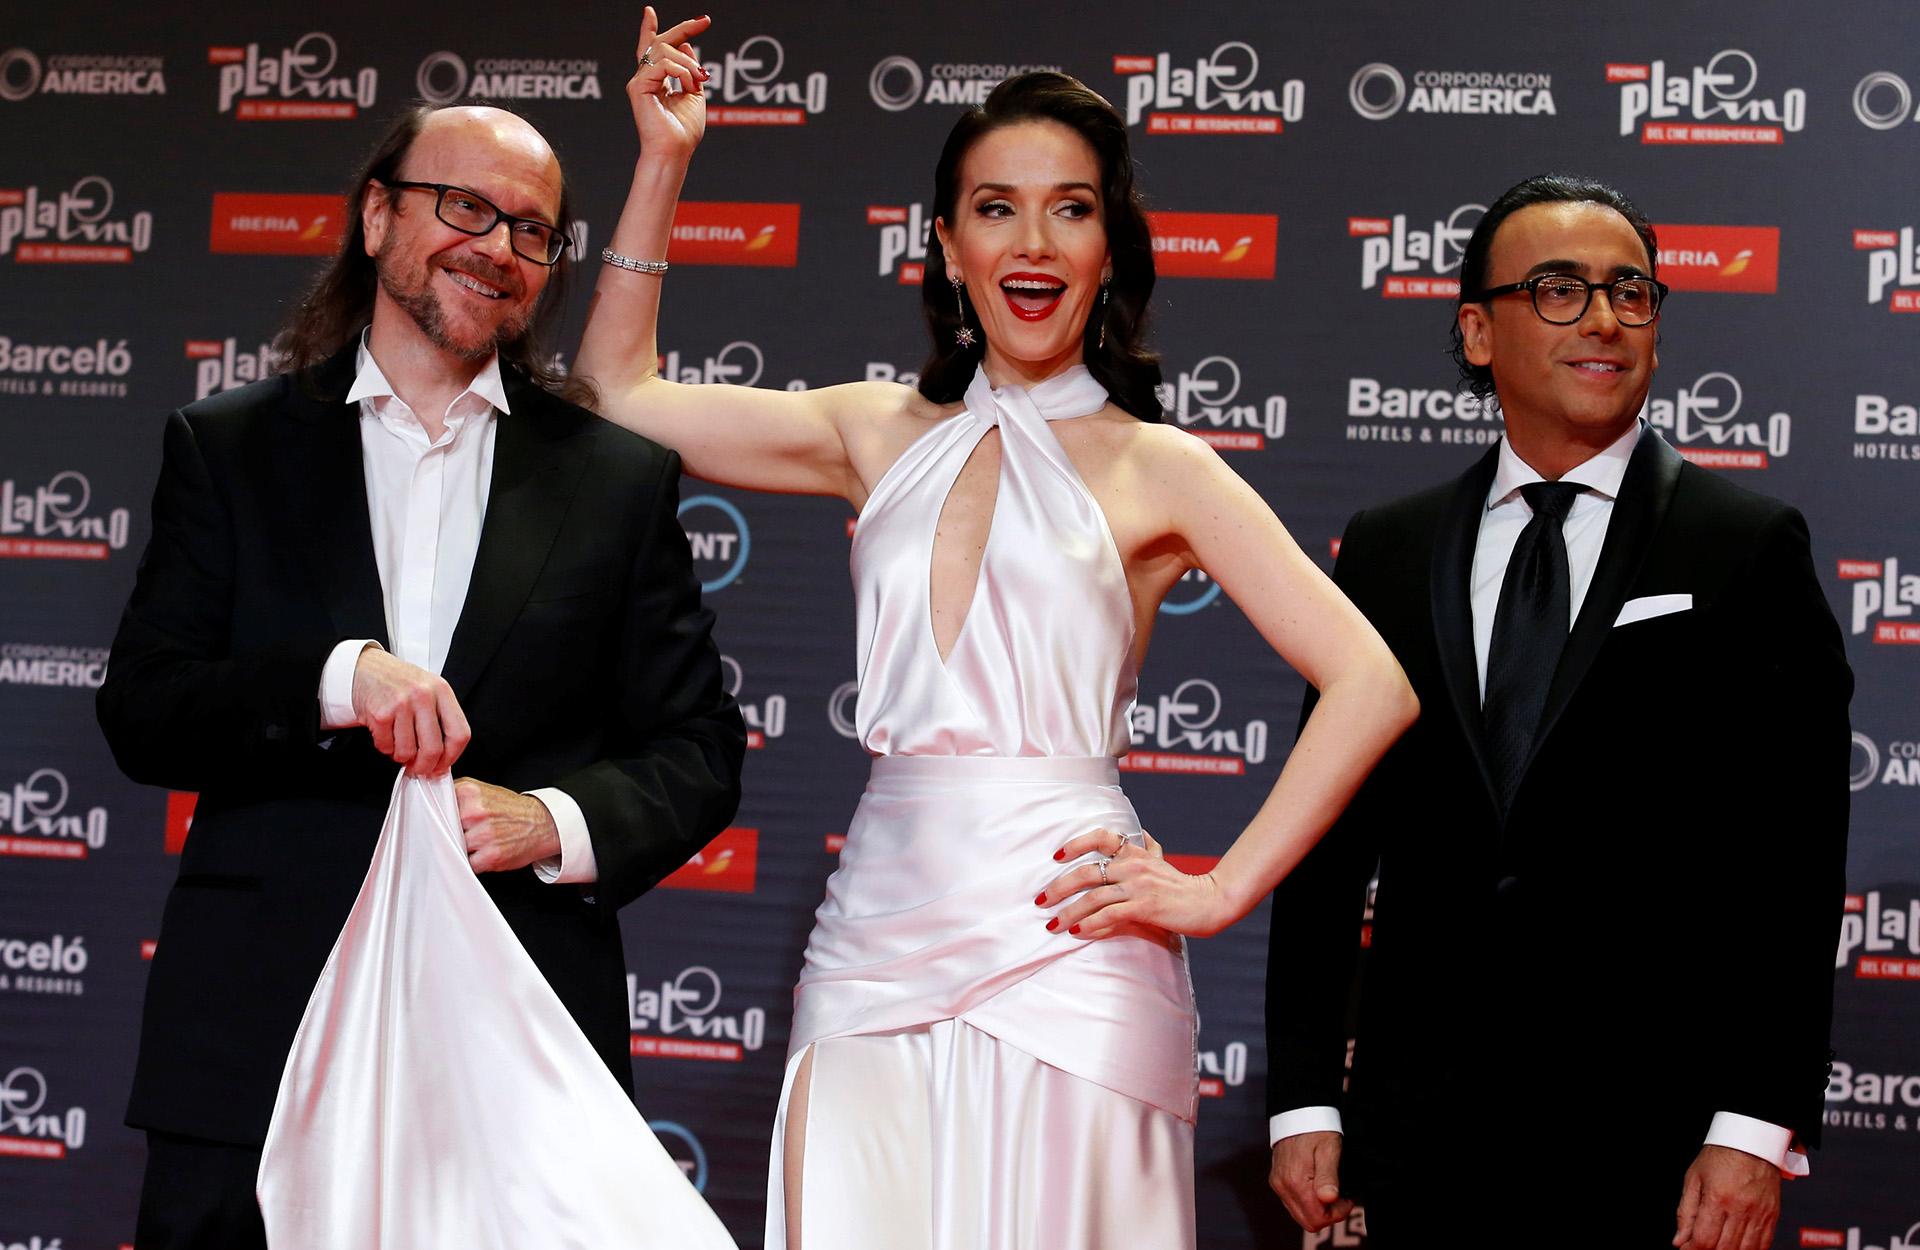 Santiago Segura, Natalia Oreiro y Adal Ramones, los divertidos conductores del evento